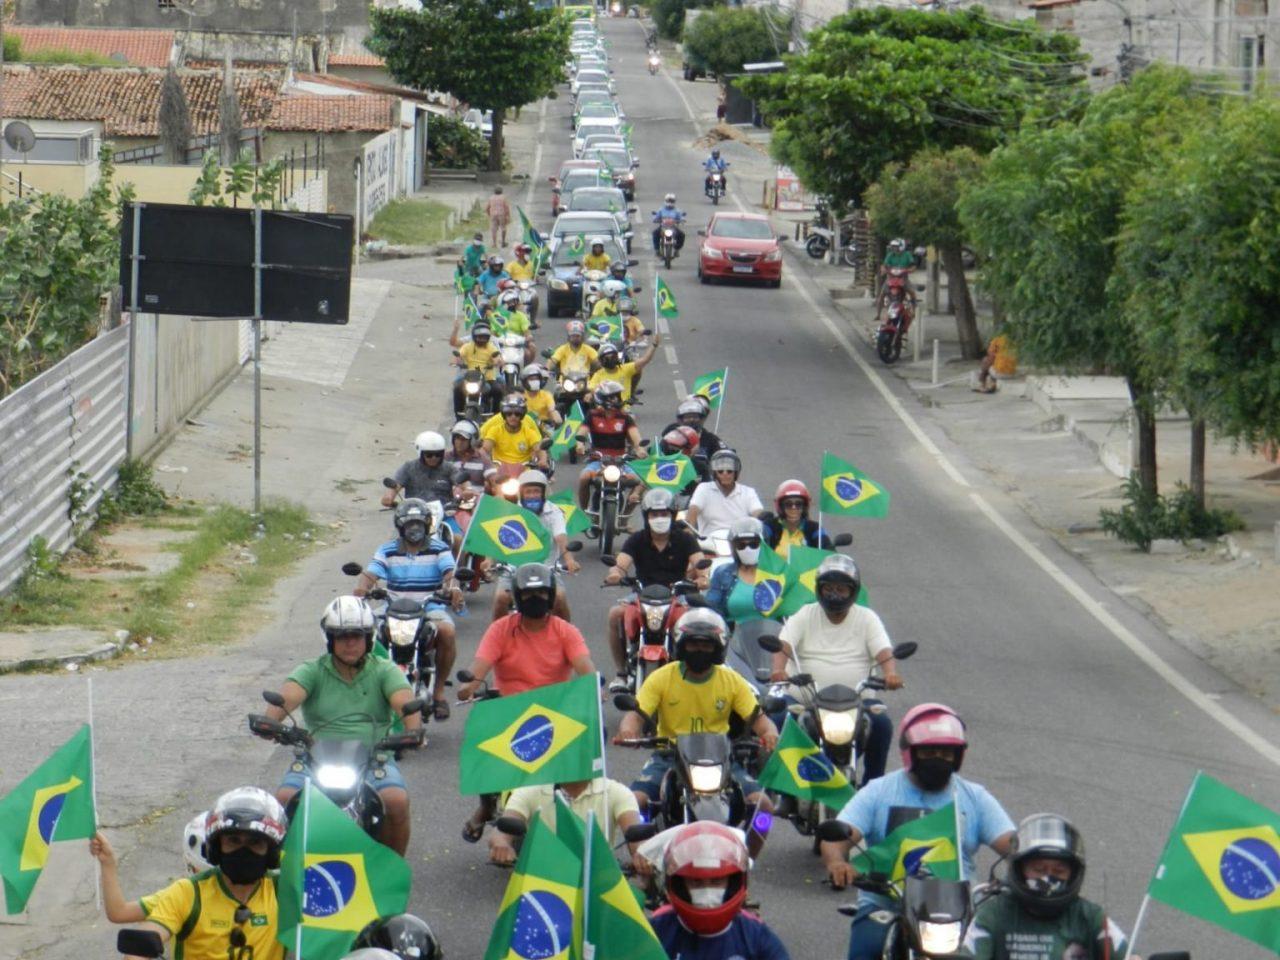 WhatsApp Image 2021 08 01 at 13.40.42 1536x1152 1 scaled - Pré-candidato a deputado, juiz Ramonilson Alves apoia movimento de Bolsonaro pelo voto impresso - VEJA VÍDEO